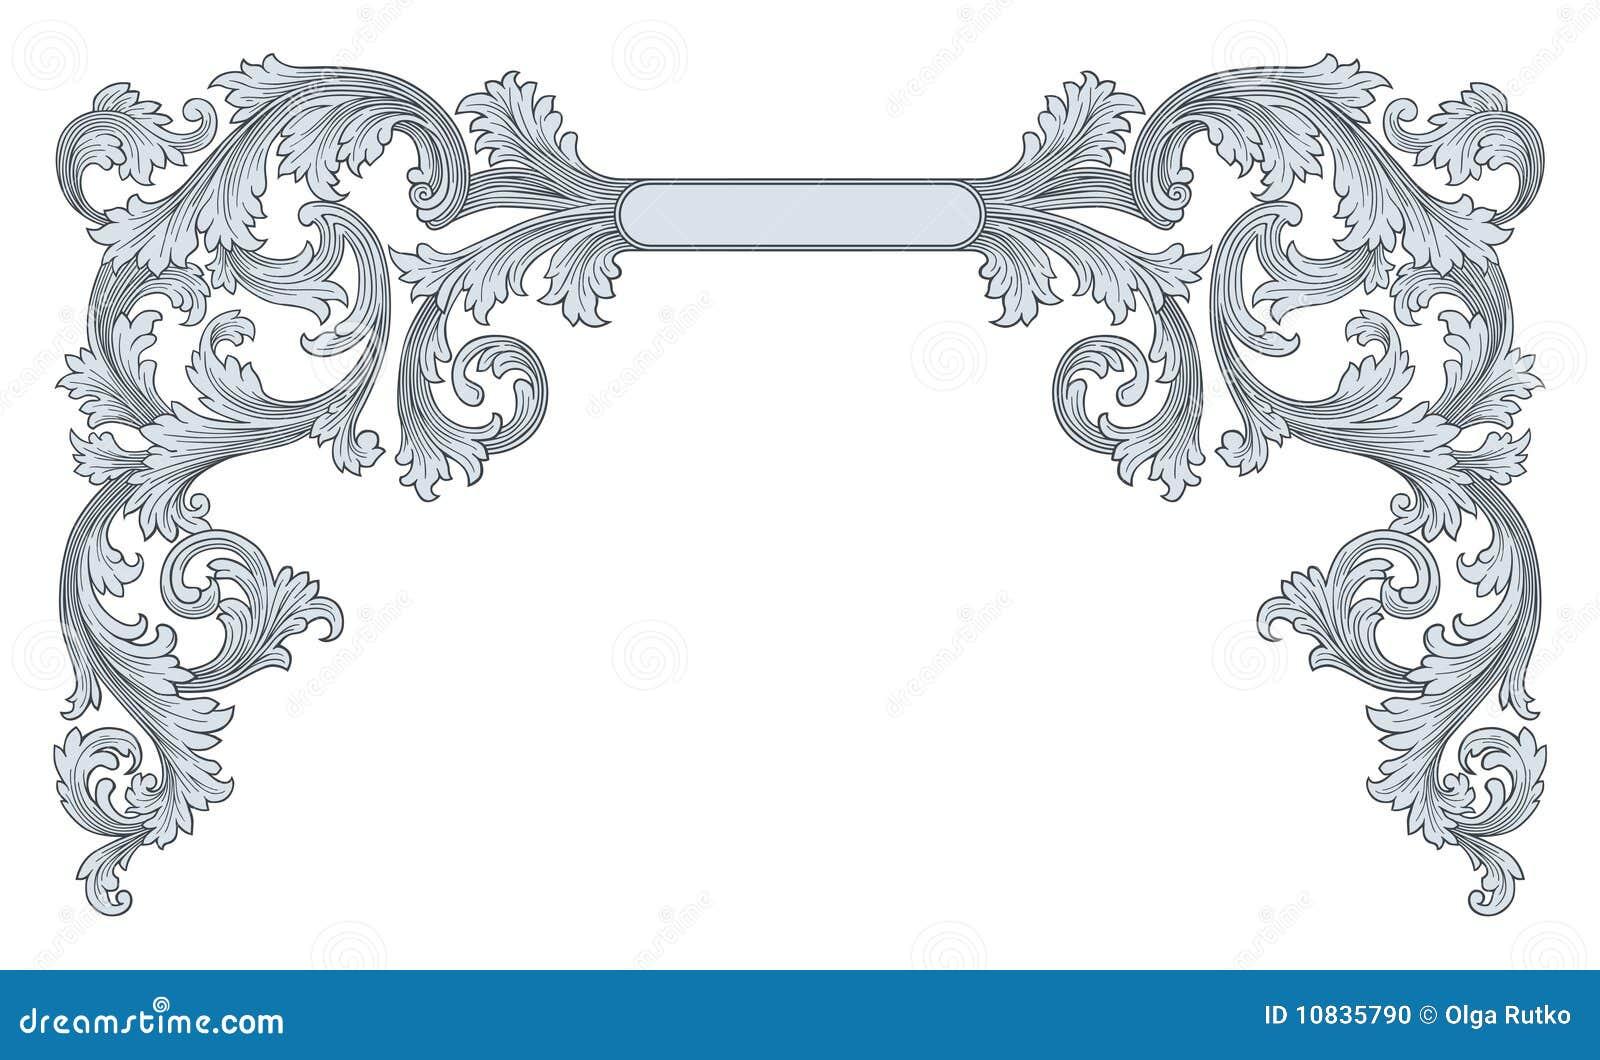 Ornate frame vector stock vector. Illustration of black ...